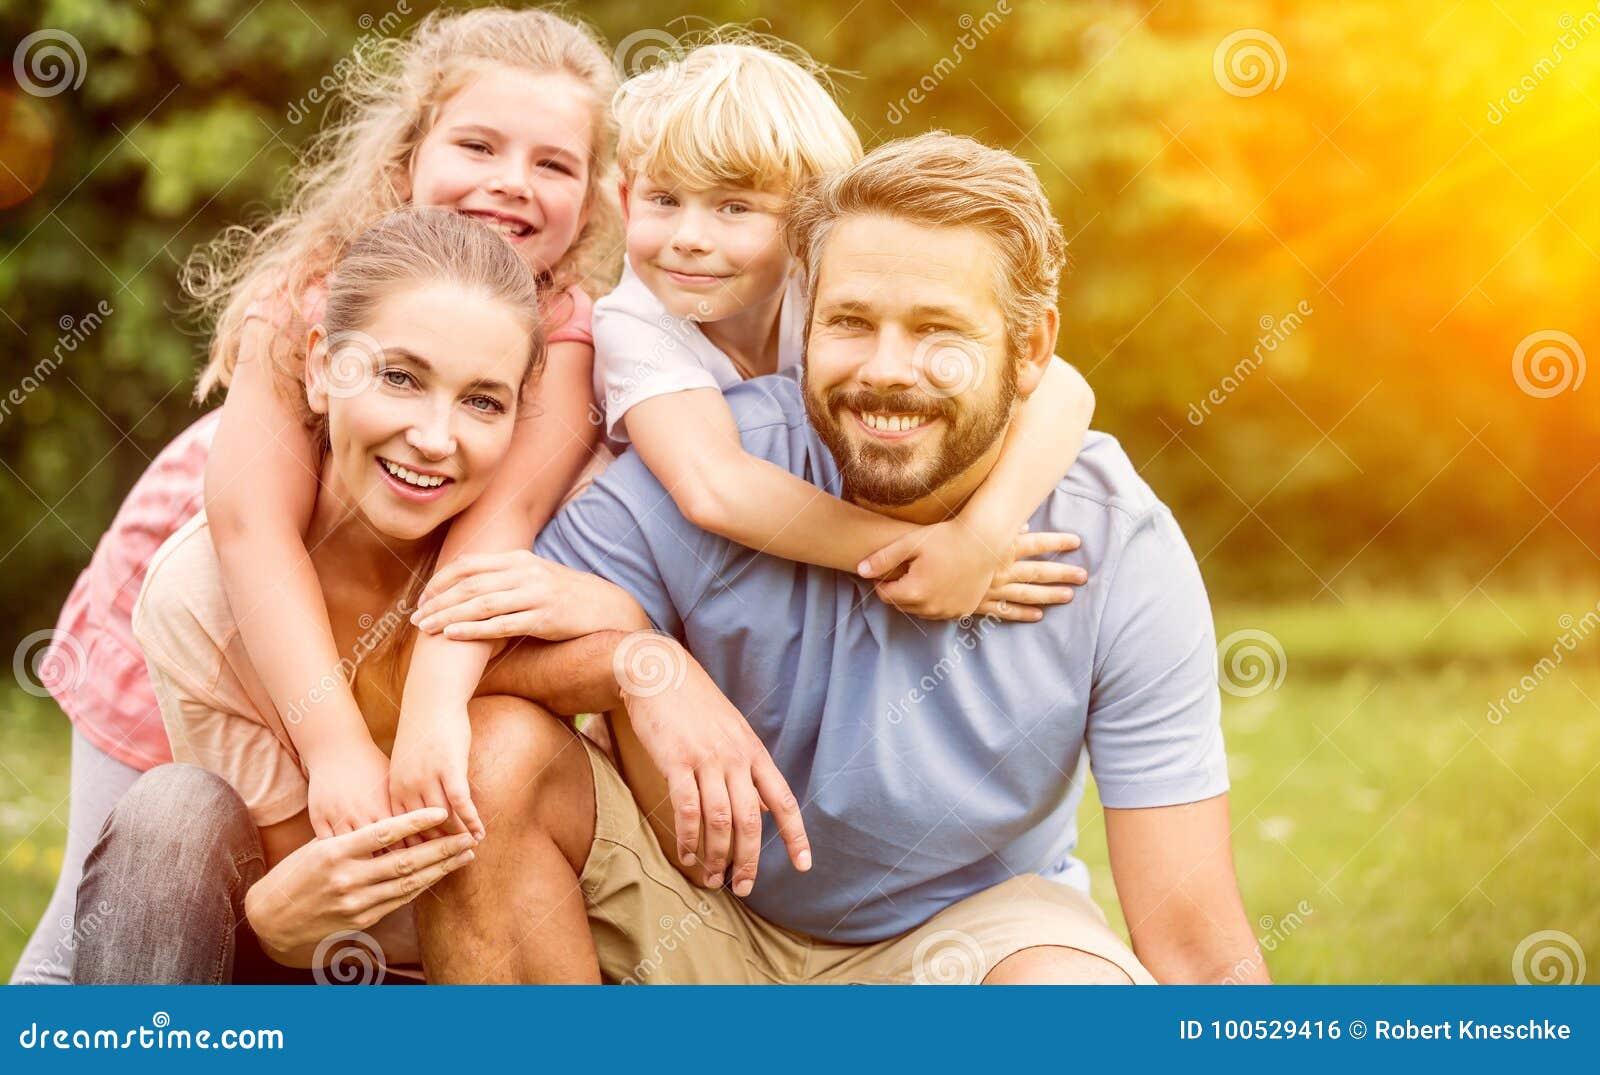 Download Familia feliz en armonía foto de archivo. Imagen de hermano - 100529416